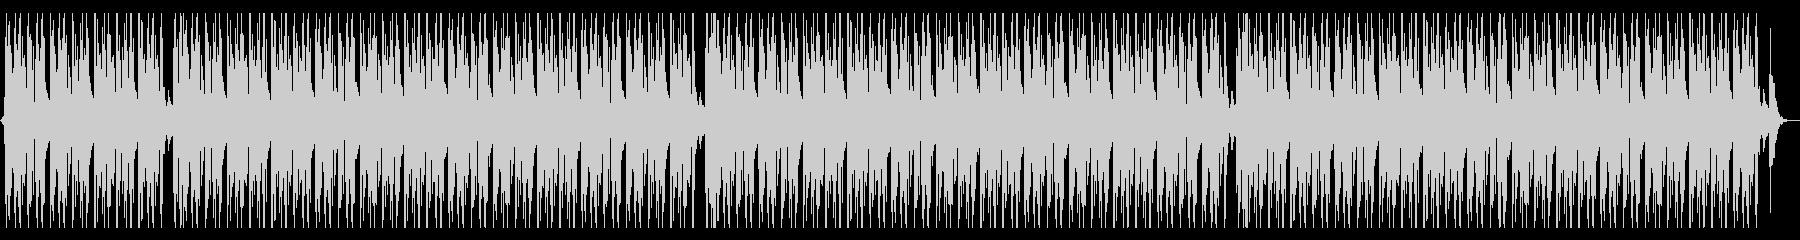 ジャズなローファイヒップホップの未再生の波形